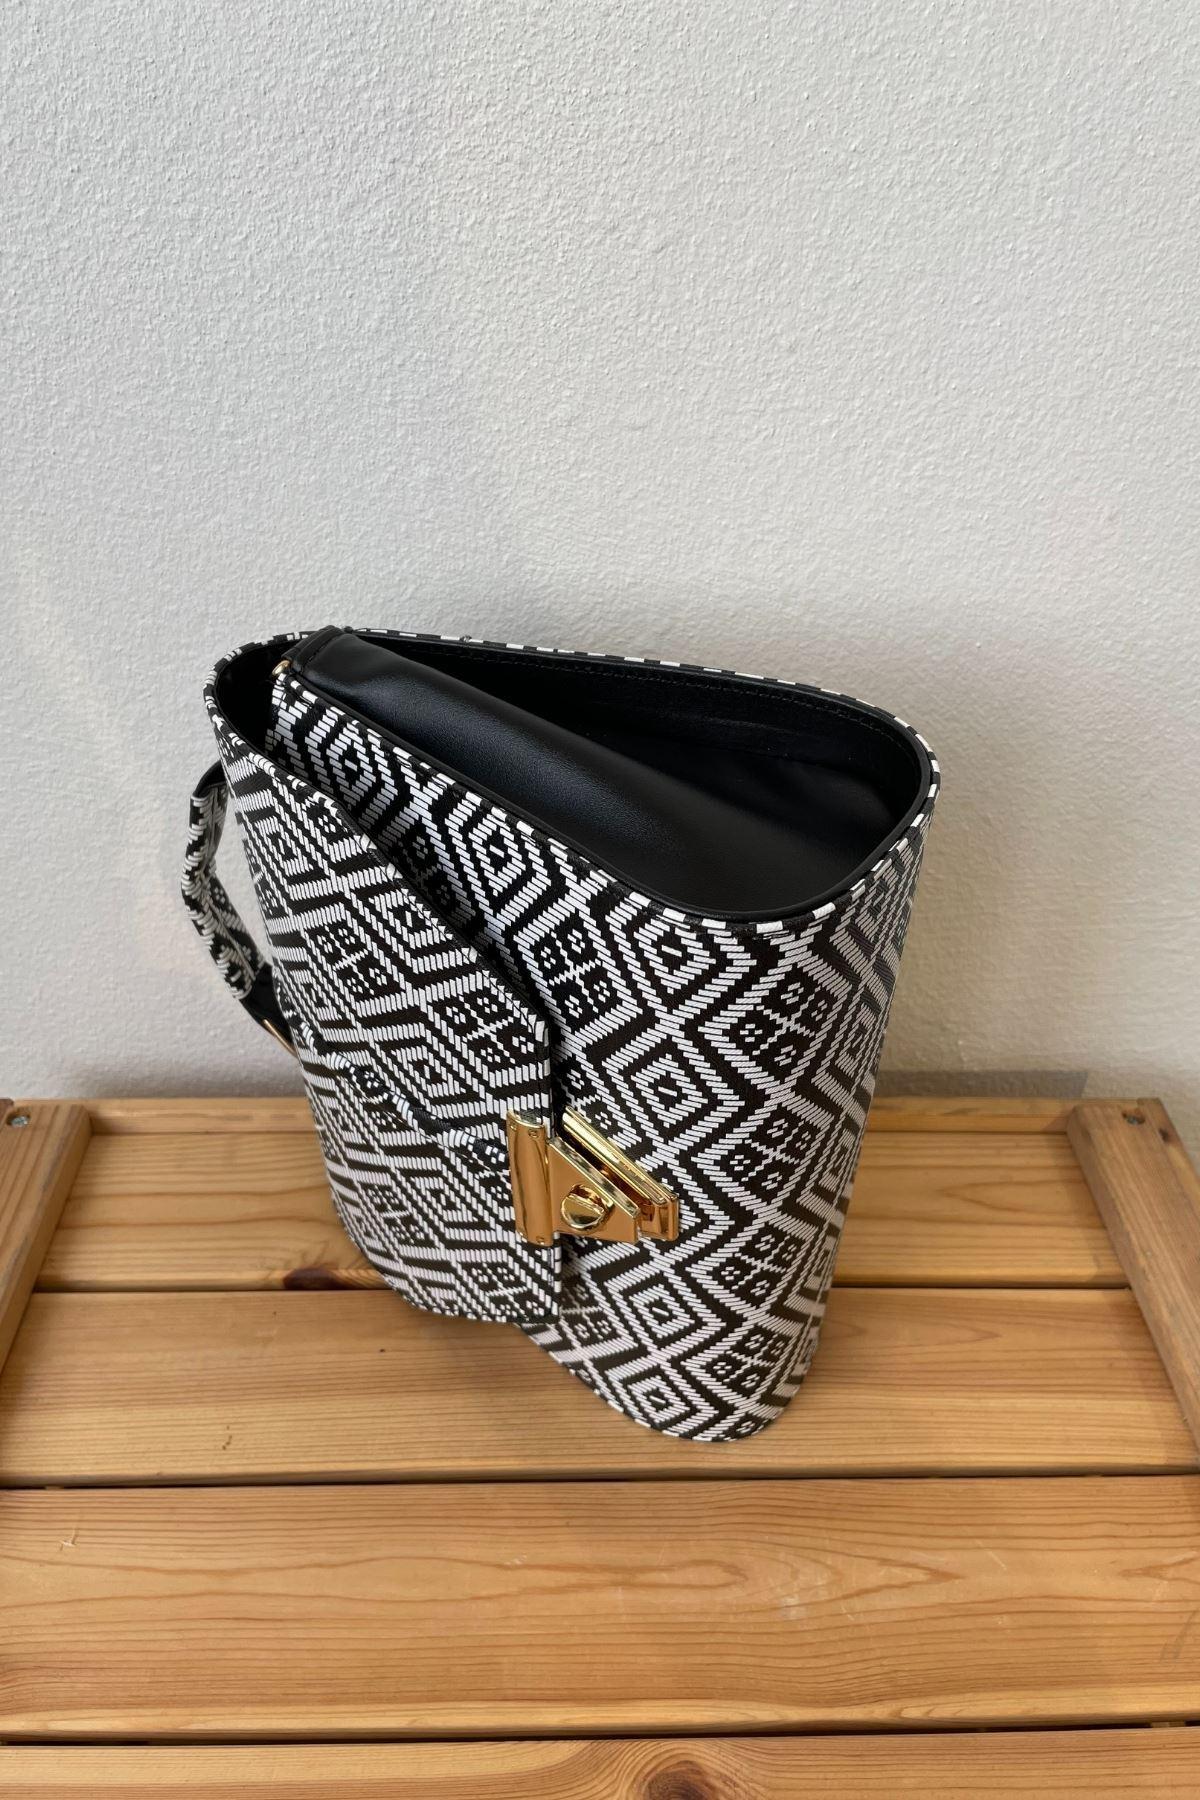 Randa Siyah Kilim Deri Kilitli Çapraz Çanta